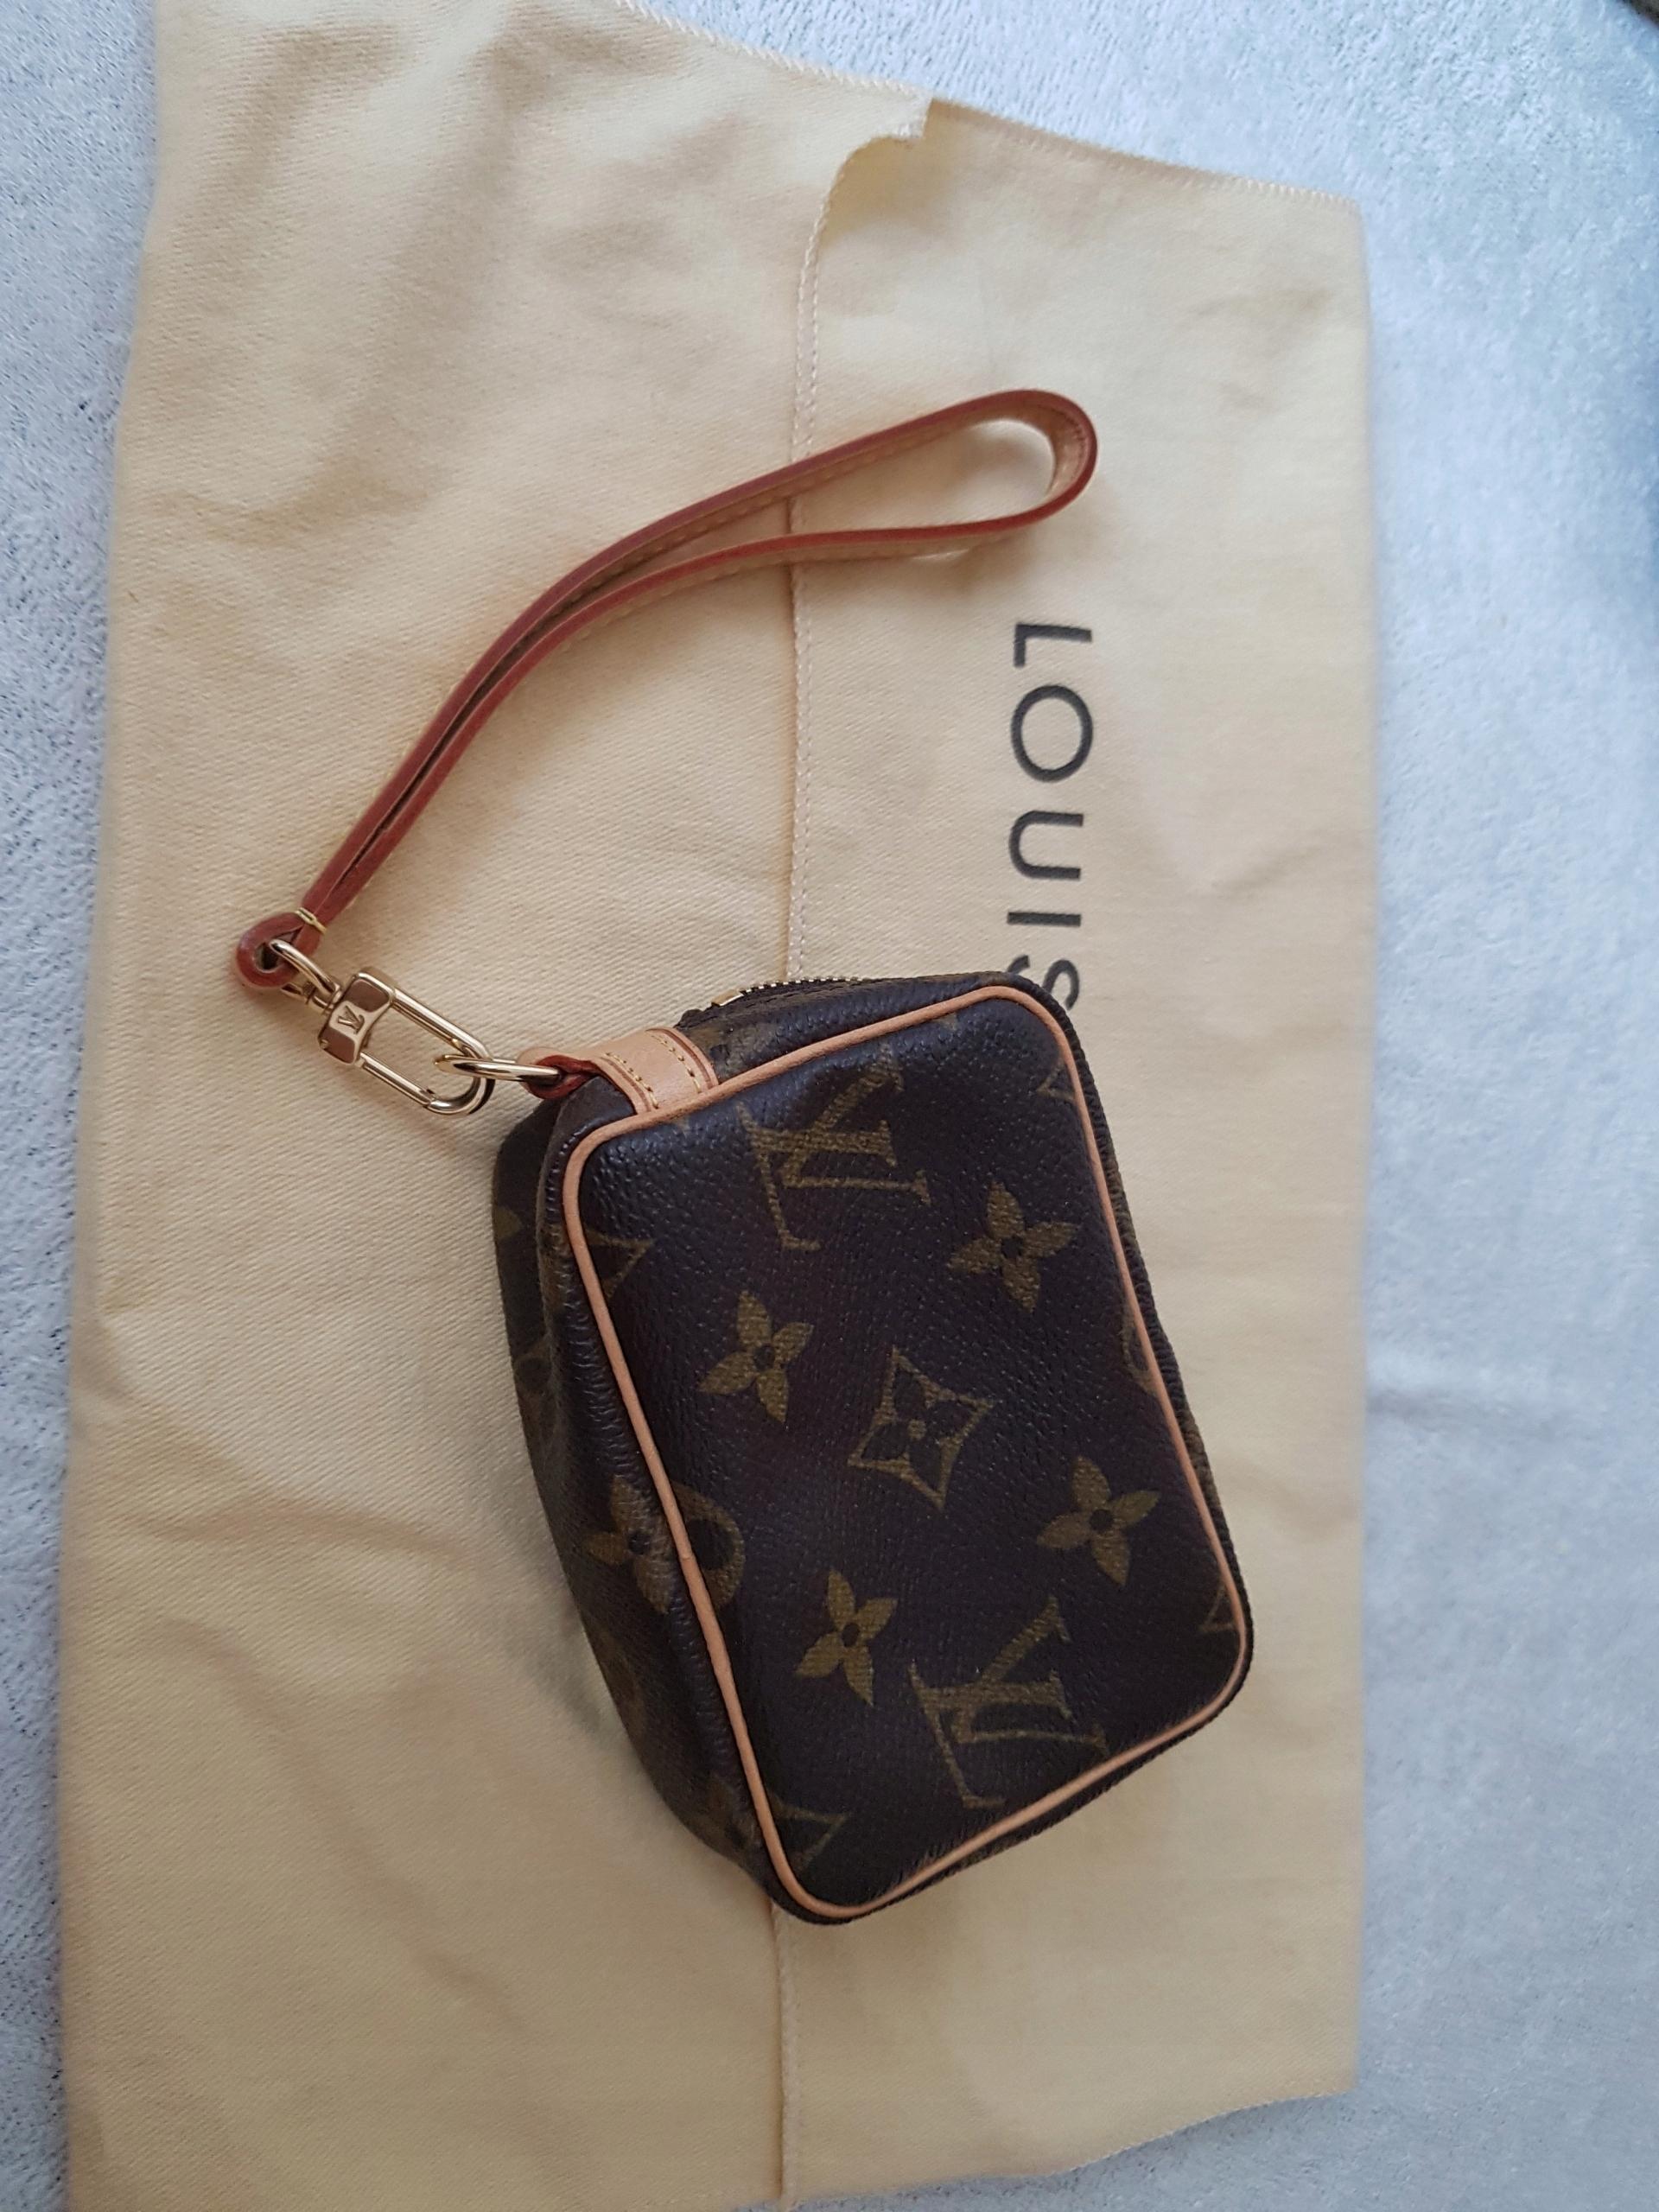 e2253d65f808e Louis Vuitton Torebka saszetka portfel 100%orygina - 7584334761 ...